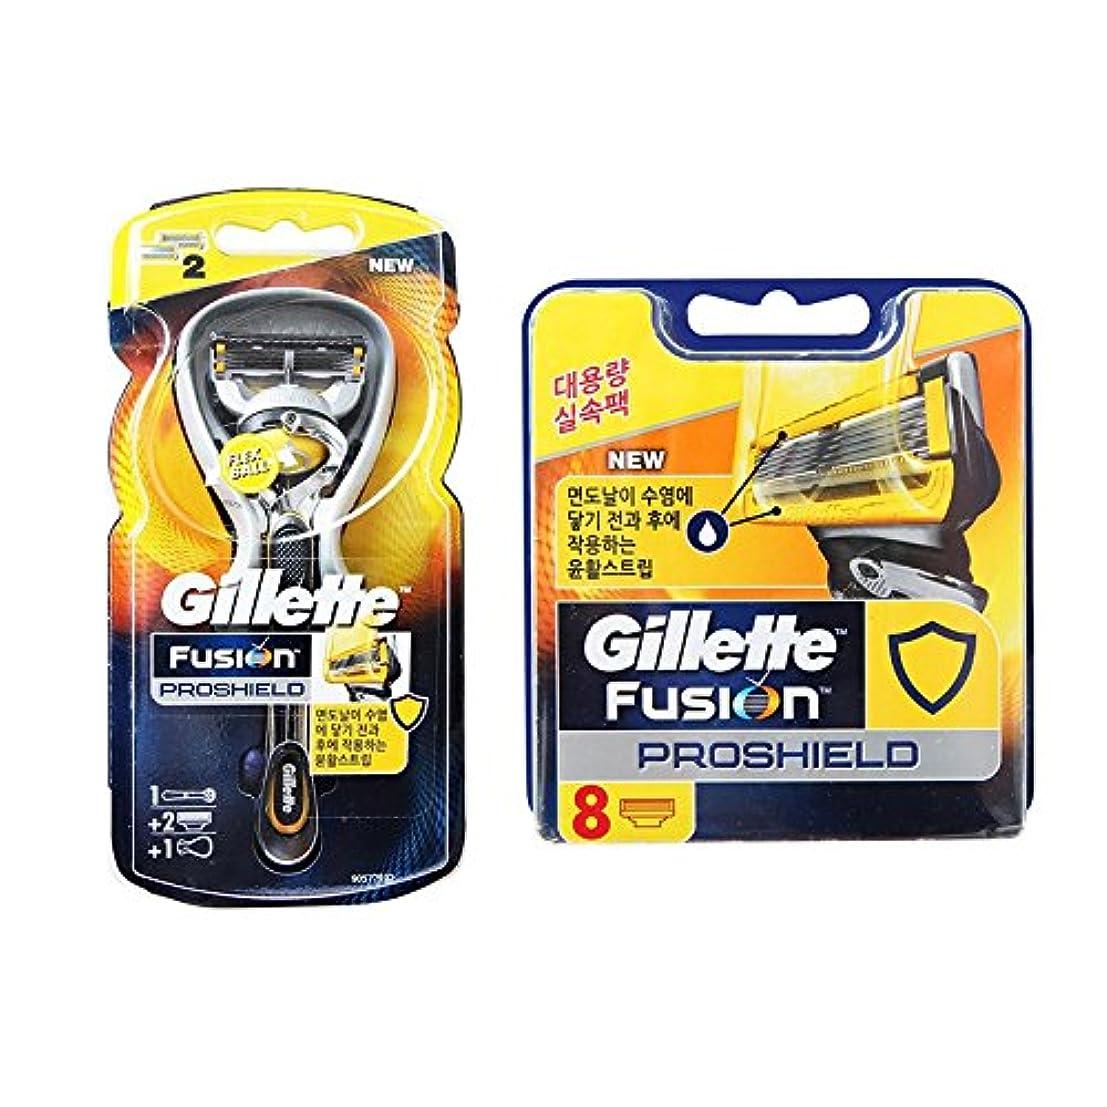 シャベルすなわちオーラルGillette Fusion Proshield Yellow 1本の剃刀と10本の剃刀刃 [並行輸入品]